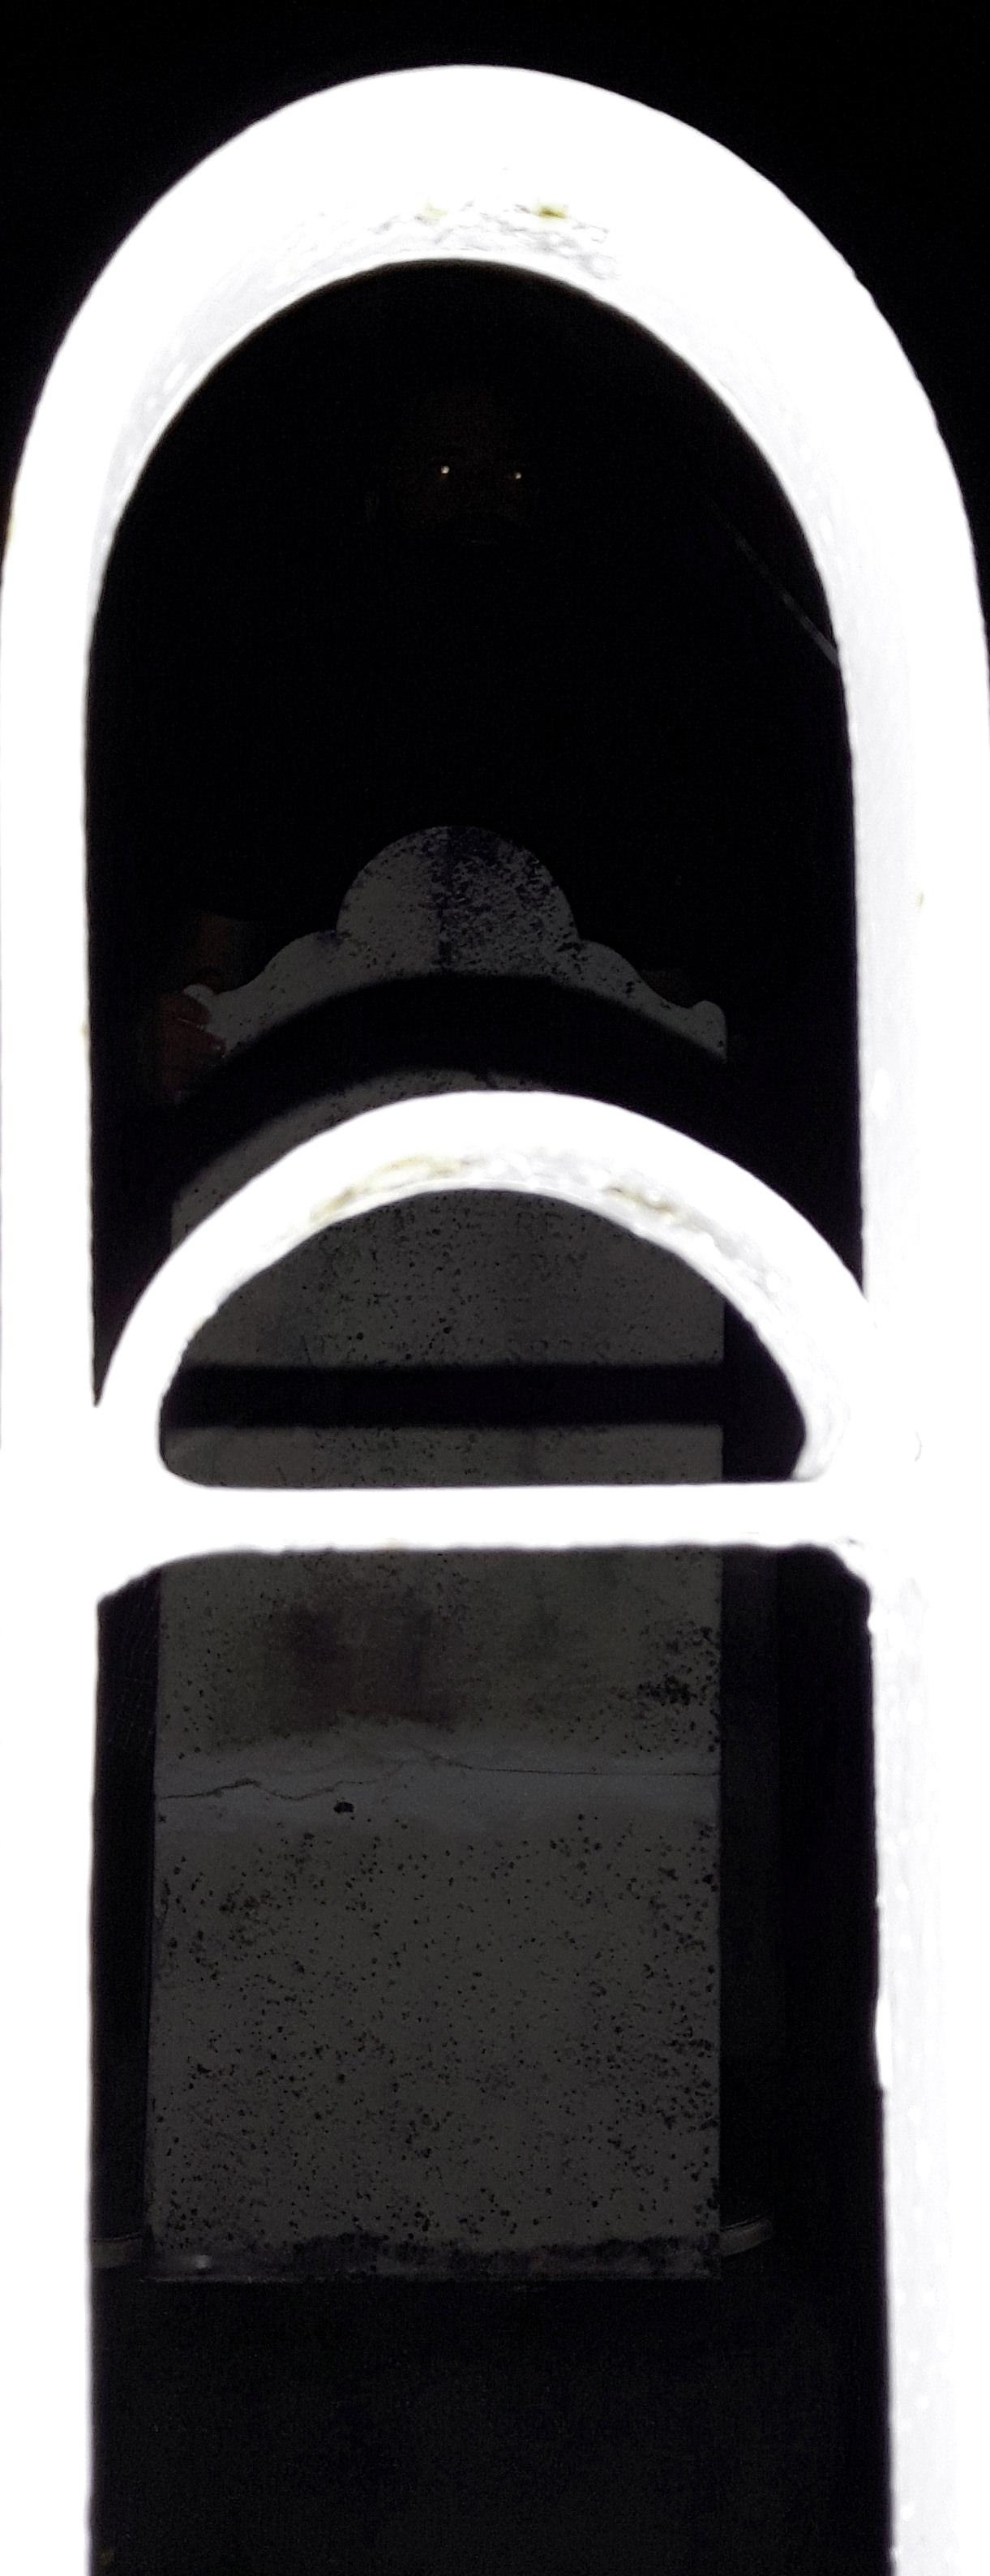 Steve Giasson. Performance invisible n° 6 (Remettre une pierre à sa place (dans un mur, dans un trottoir, dans un lac)). Performeur : Guillaume Dufour Morin. Crédit photographique : Émile Lachance-Landreville. Jardins commémoratifs Saint-Germain. 19 août 2016.